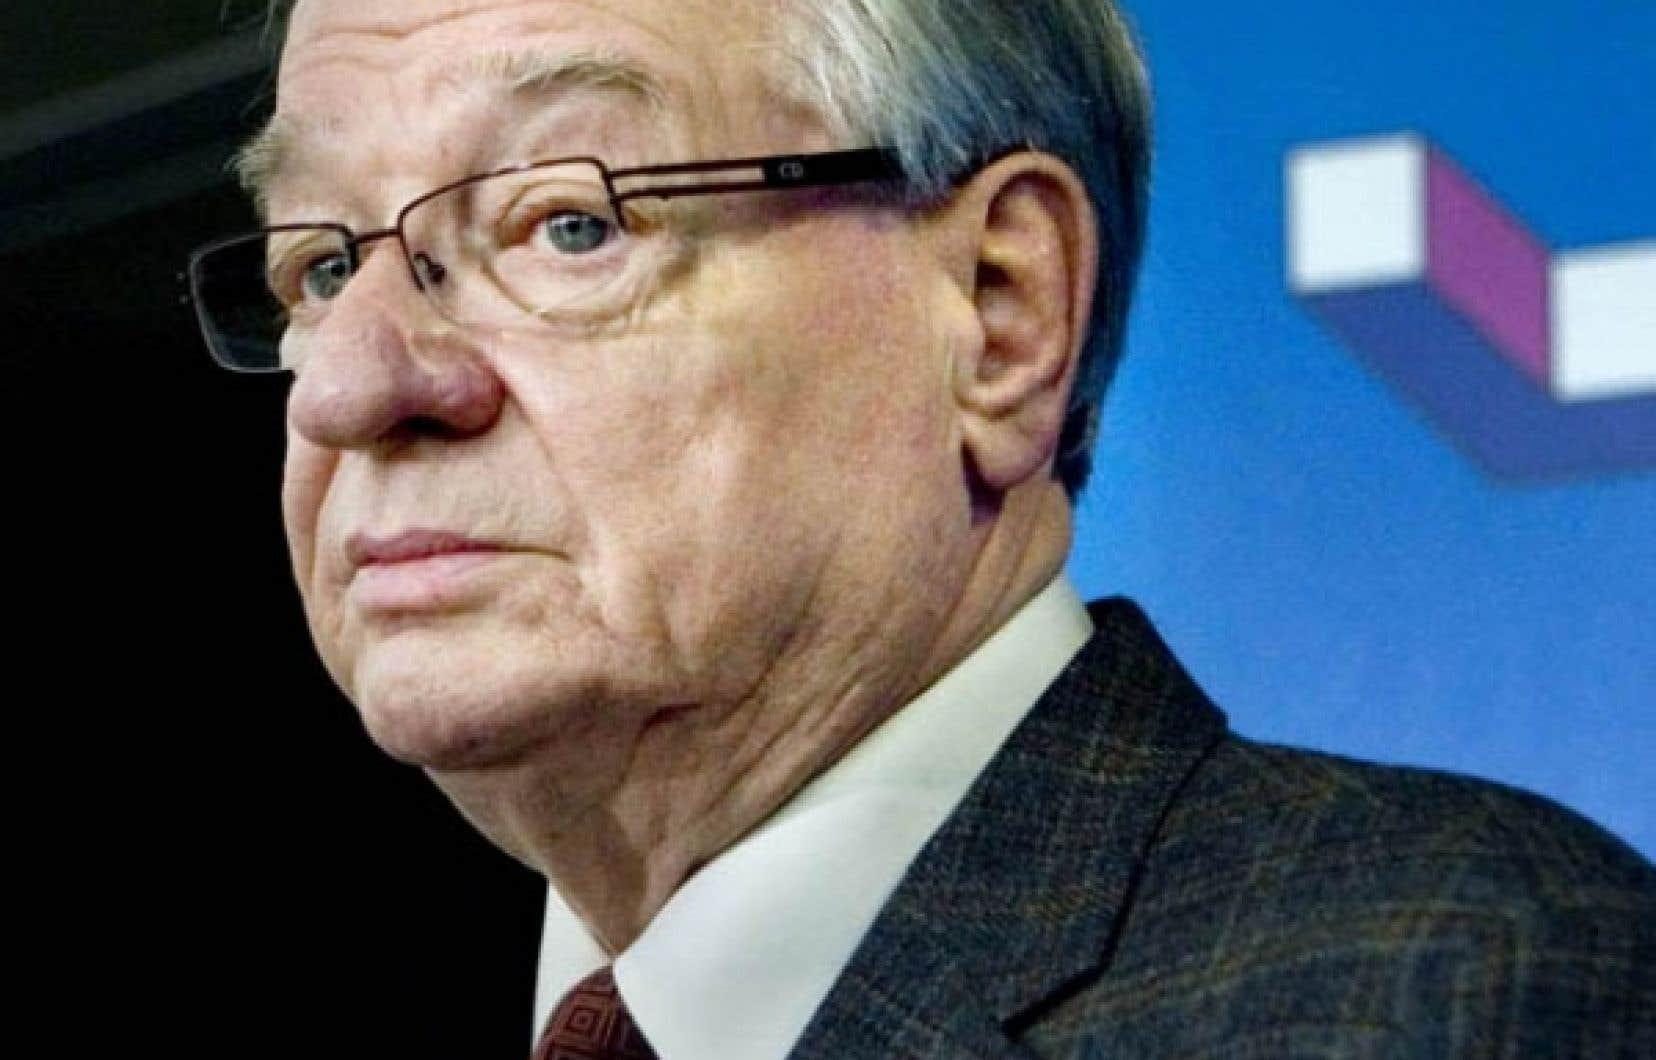 À l'hôtel de ville de Laval, hier, Gilles Vaillancourt a affirmé devant la presse n'avoir rien à se reprocher.